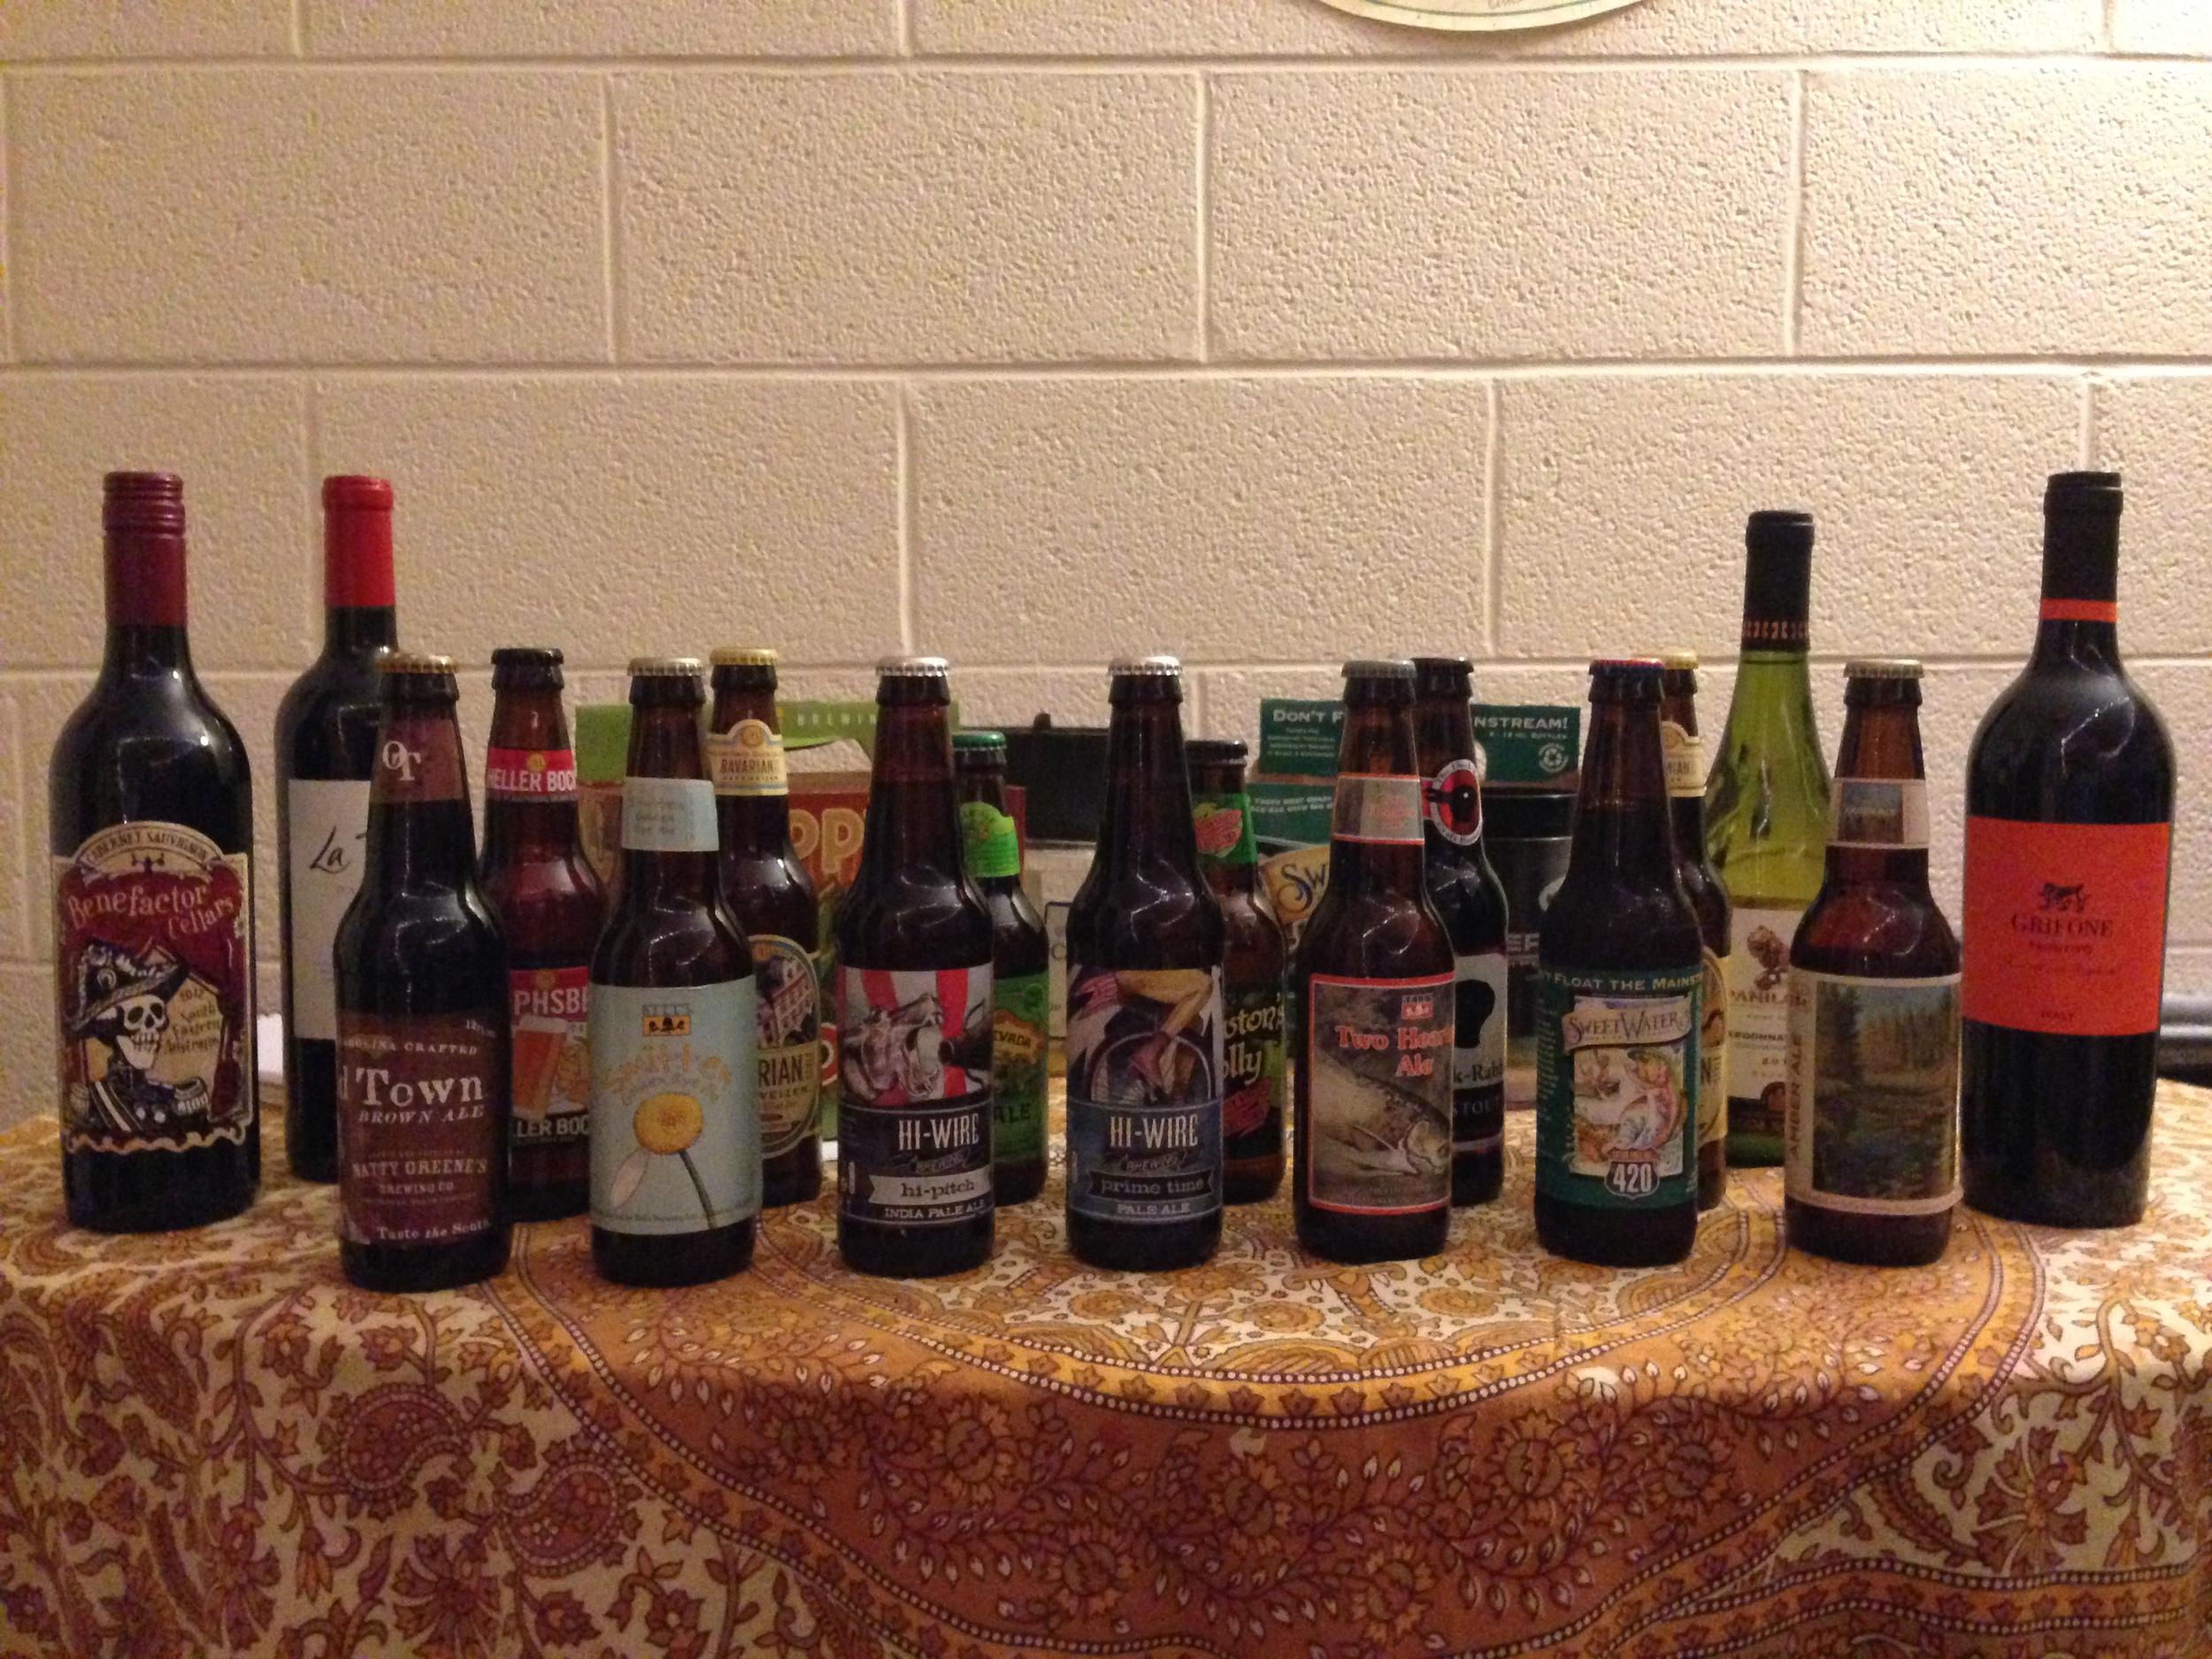 Twenty-one bottles for Madeline's 21st birthday.